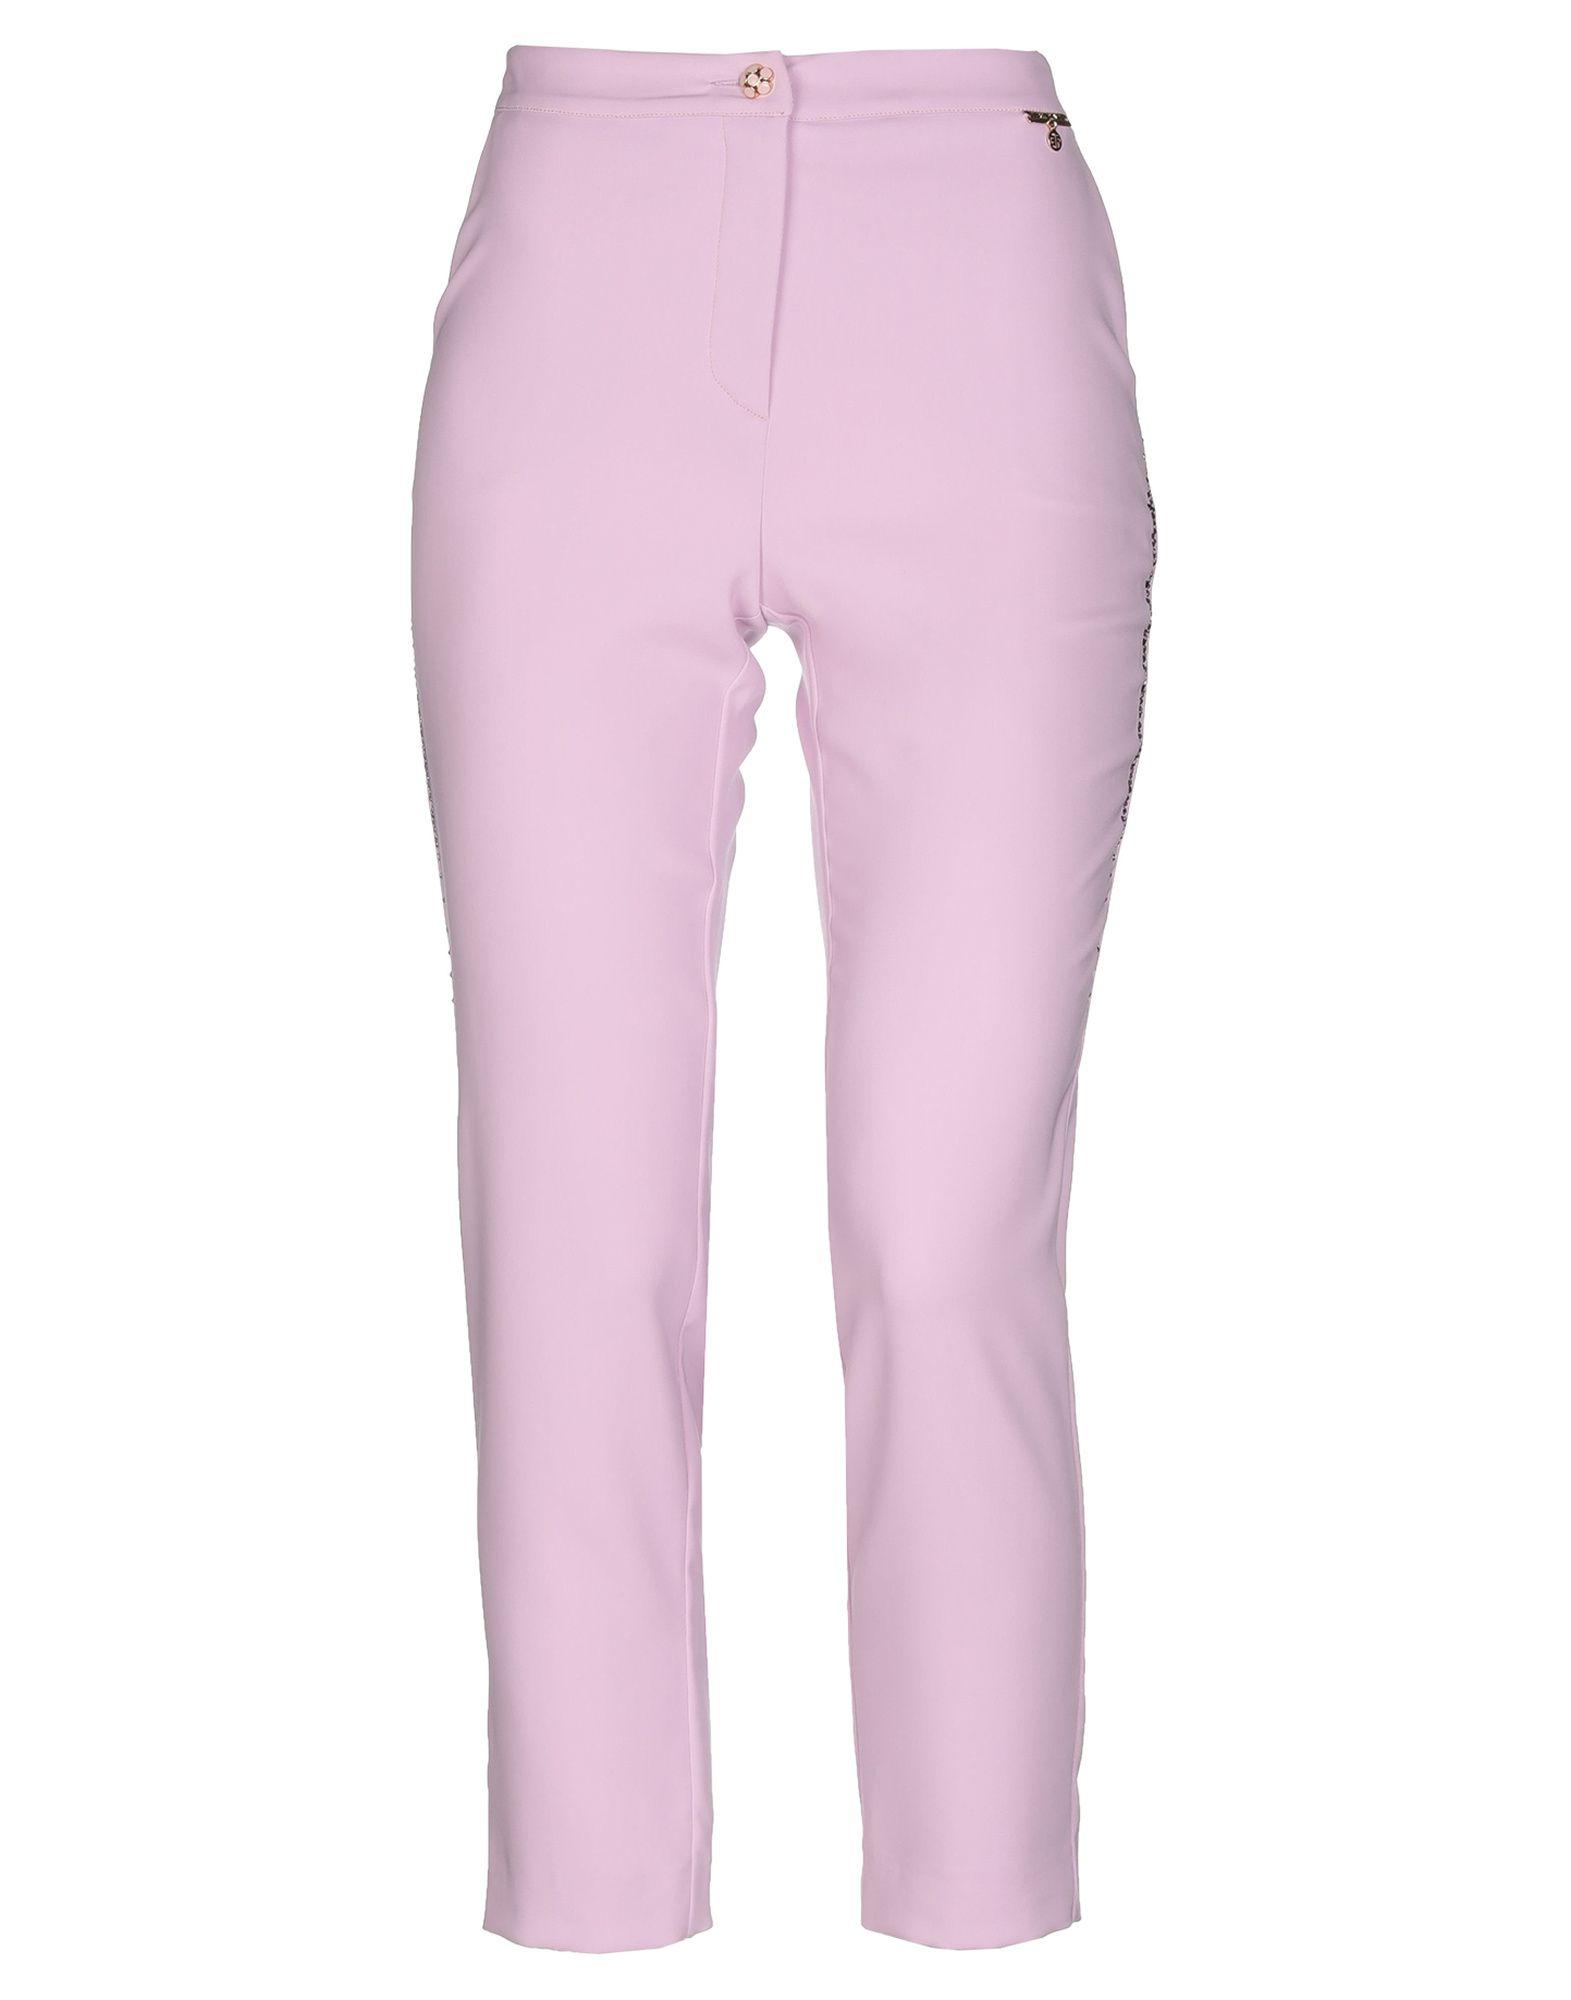 ELISA FANTI Повседневные брюки спортивные брюки elisa fanti спортивные брюки